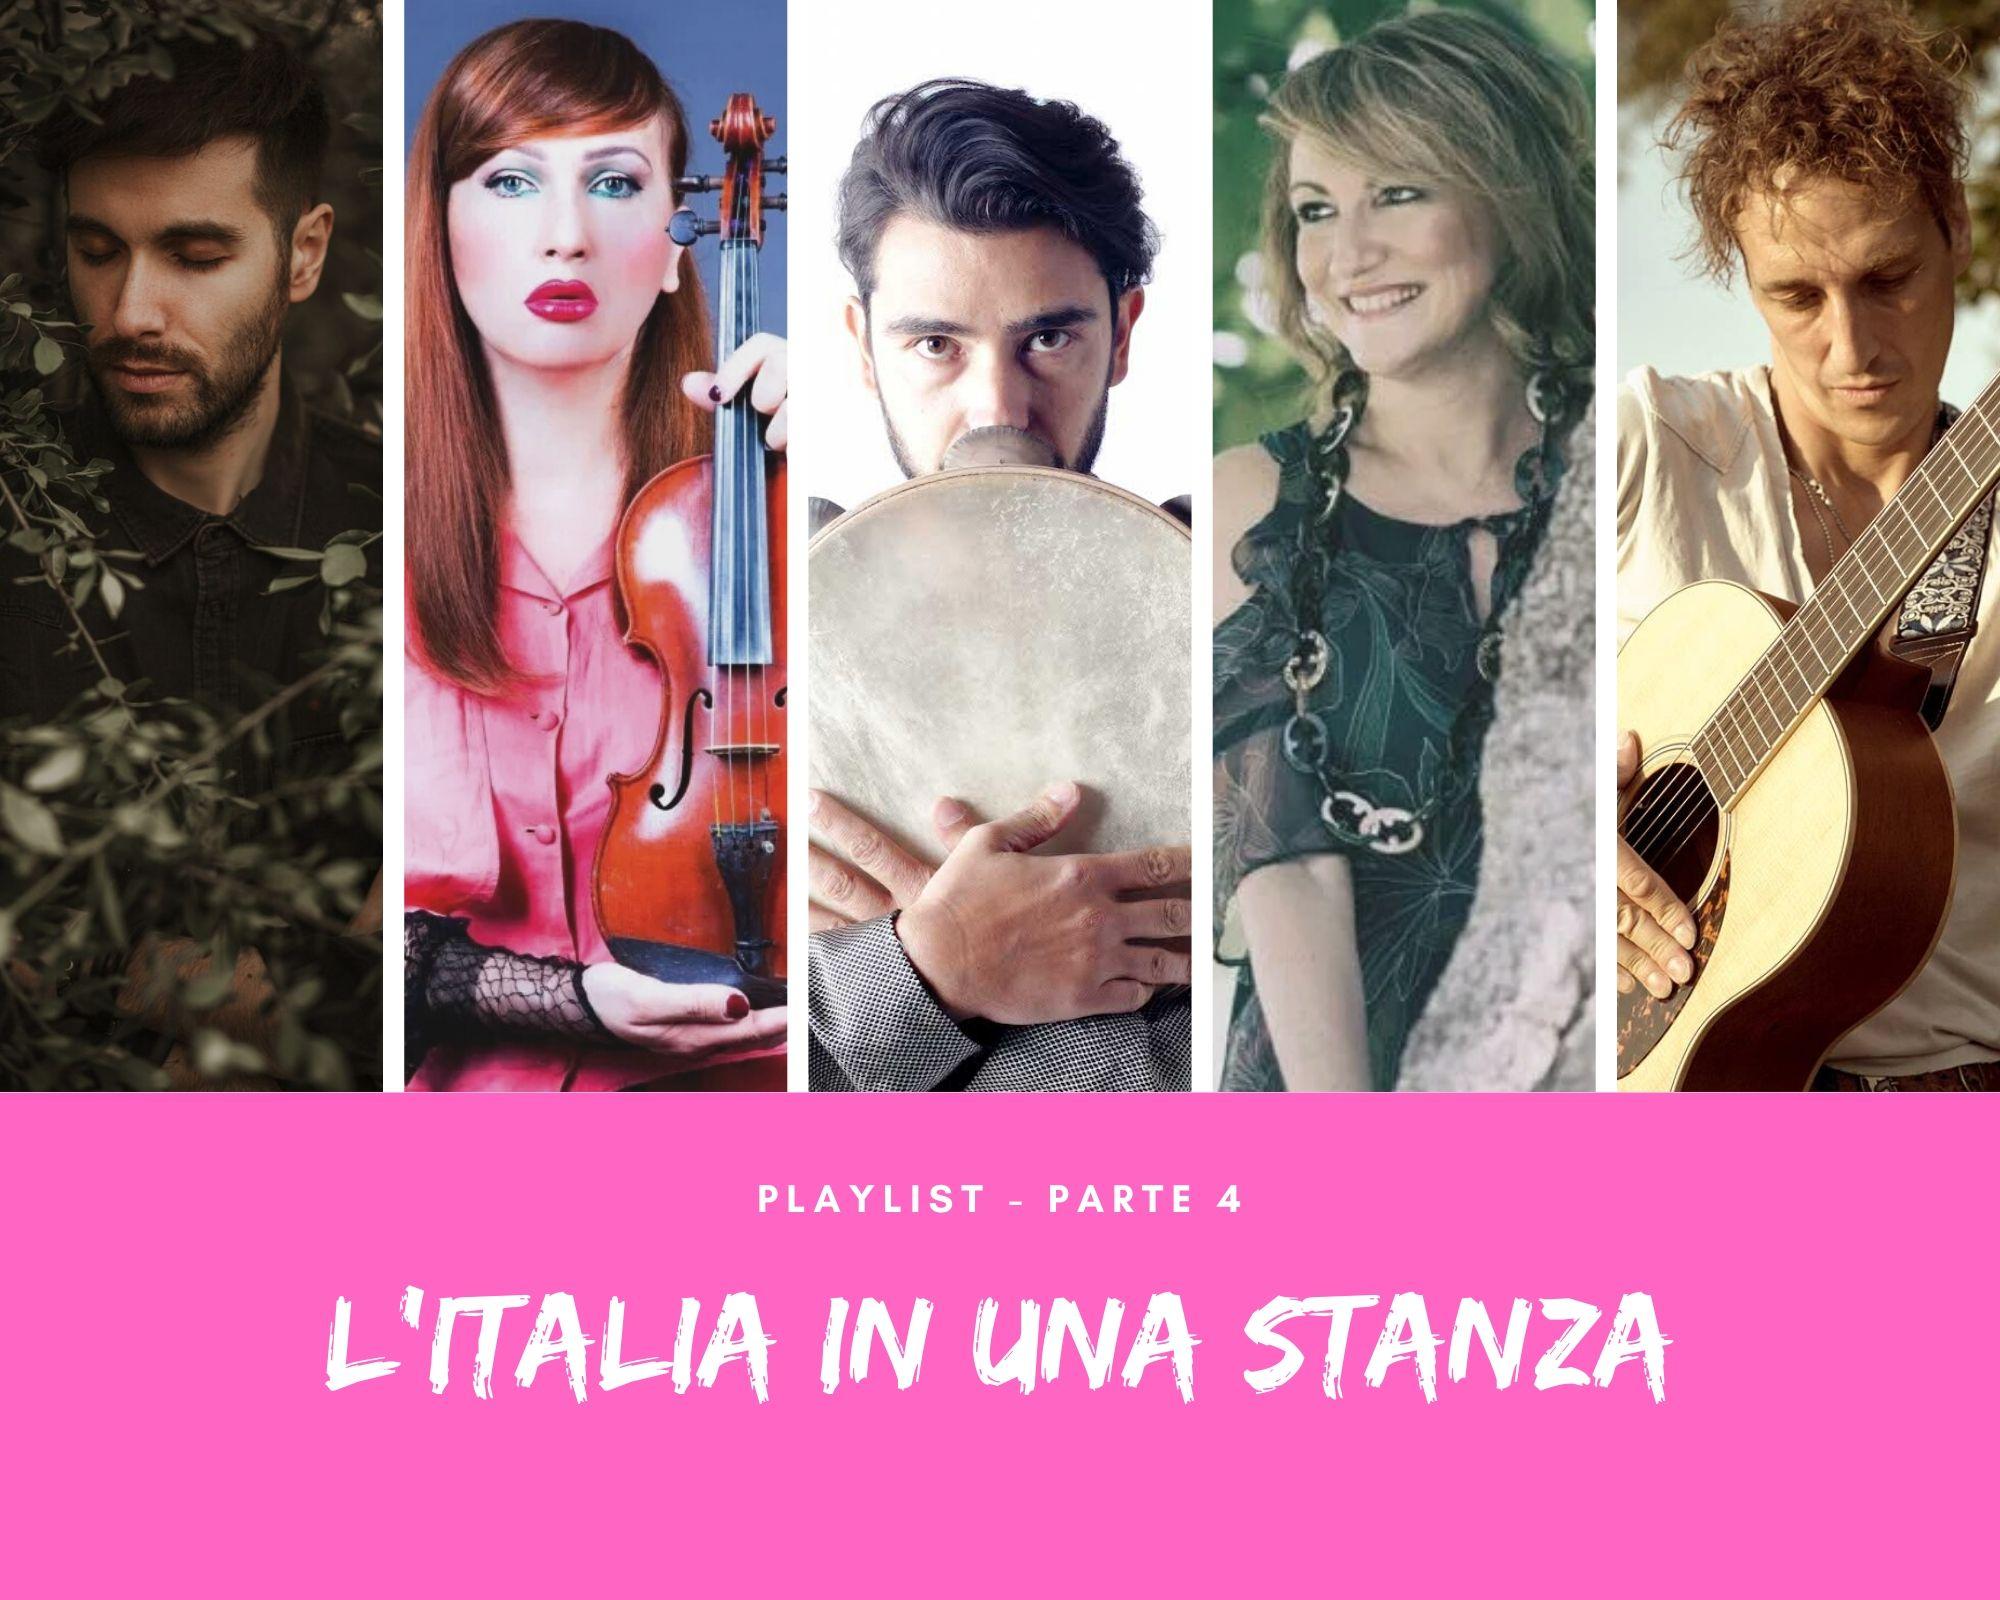 L'Italia in una stanza. Ecco la playlist 'Parte 4', tra jazz, swing e world music